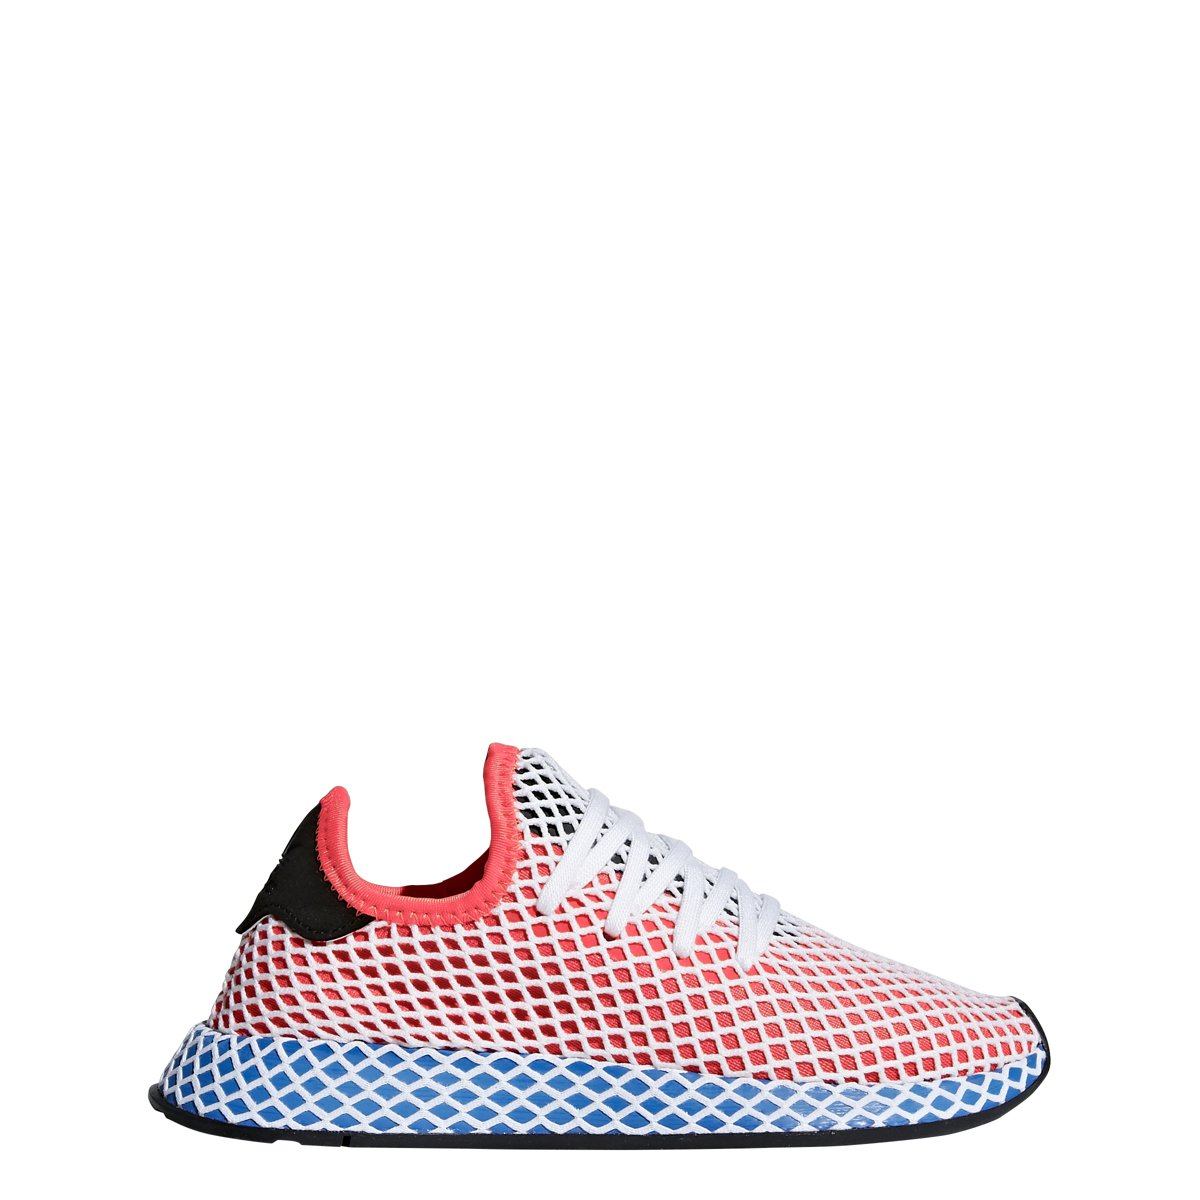 Cheap Adidas Sneaker News, find Adidas Sneaker News deals on